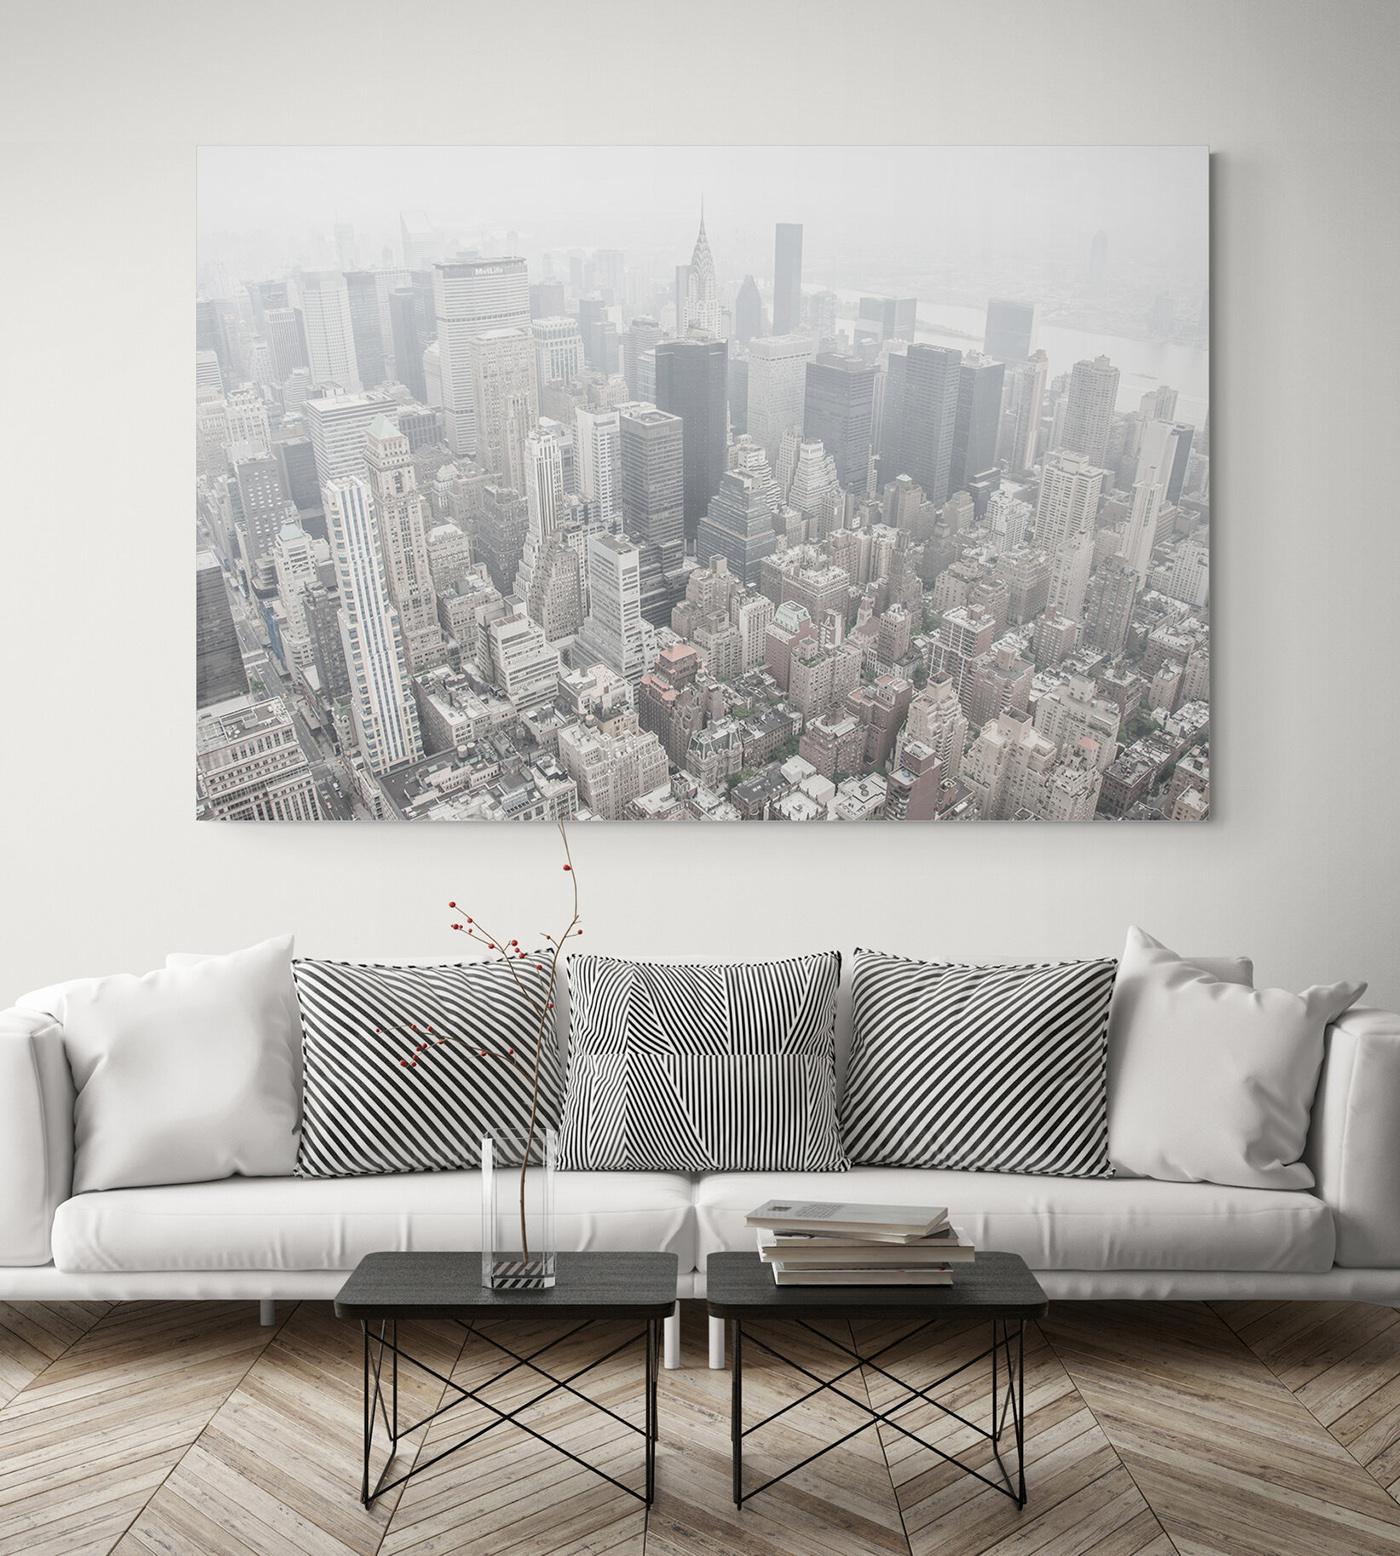 Vista Aérea de Nueva York por Adolfo Gosálvez. Venta de Fotografía de autor en edición limitada. AG Shop